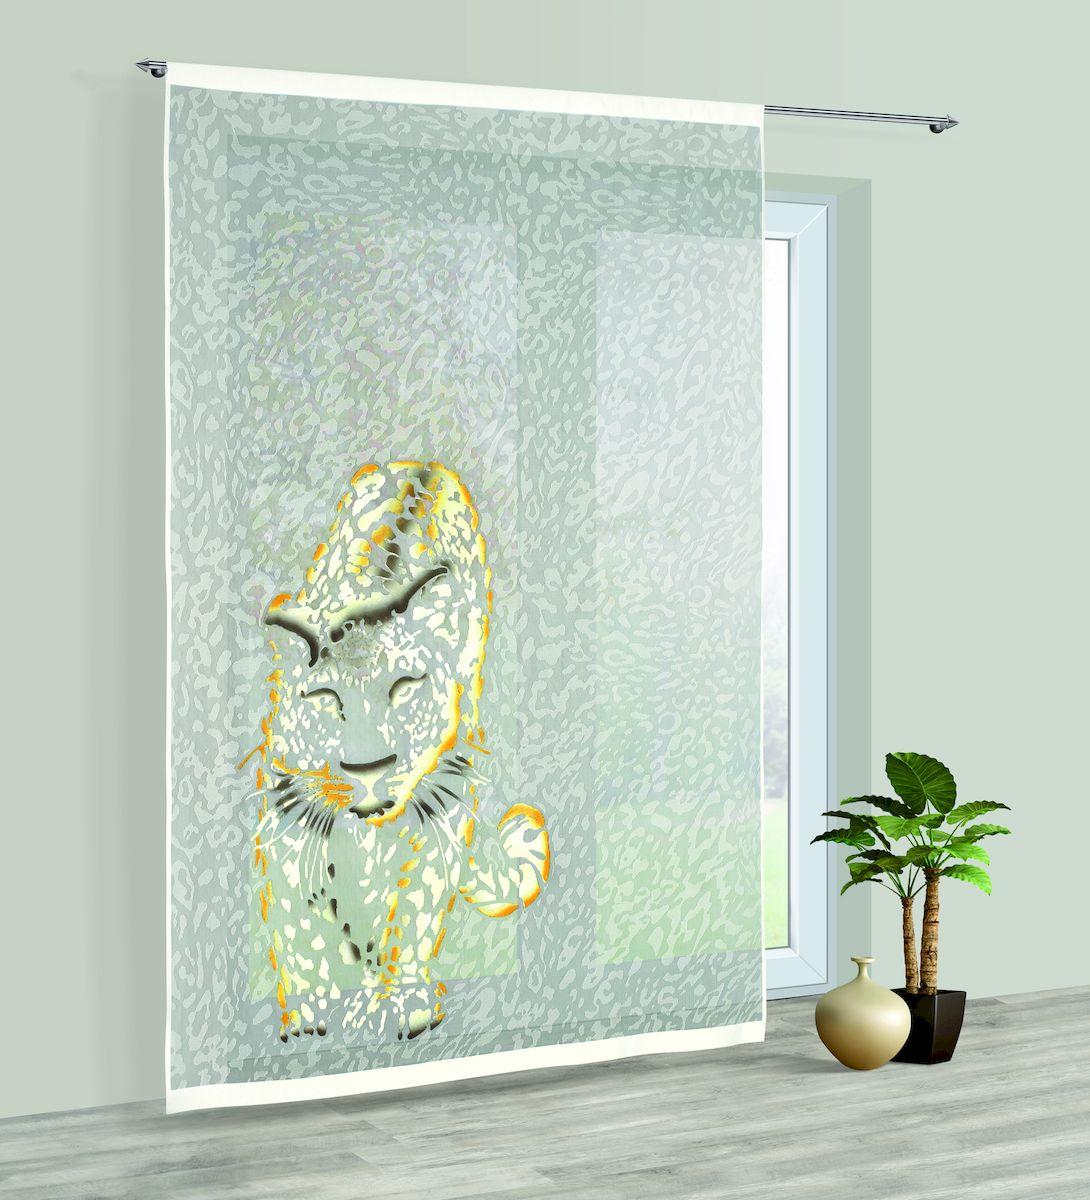 Гардина Haft, на кулиске, цвет: кремовый, высота 250 см. 22878039111304620Гардина Haft великолепно украсит любое окно. Изделие выполнено из полиэстера и украшено изображением леопарда.Изделие имеет оригинальный дизайн и органично впишется в интерьер помещения.Гардина крепится на карниз при помощи кулиски.